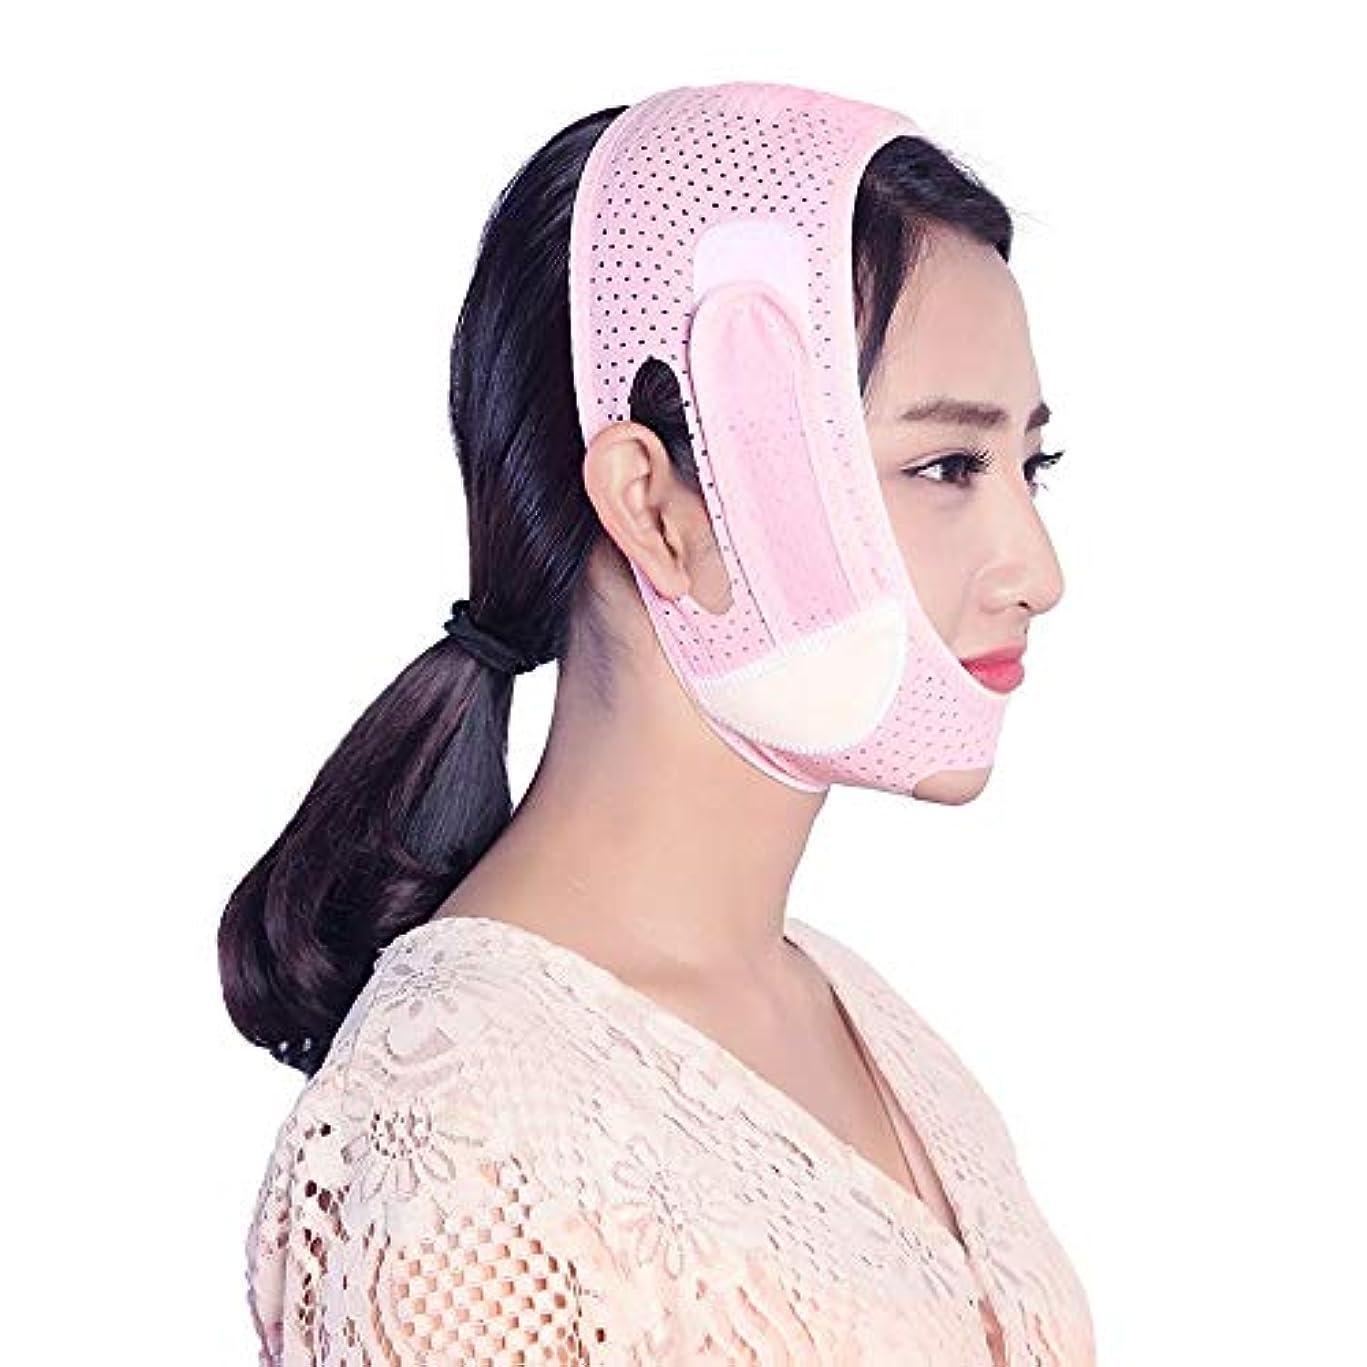 怠強制制限睡眠薄い顔パッチ包帯吊り上げプルv顔引き締めどころアーティファクト判決パターン二重あご薄いマッセルマスク - ピンク